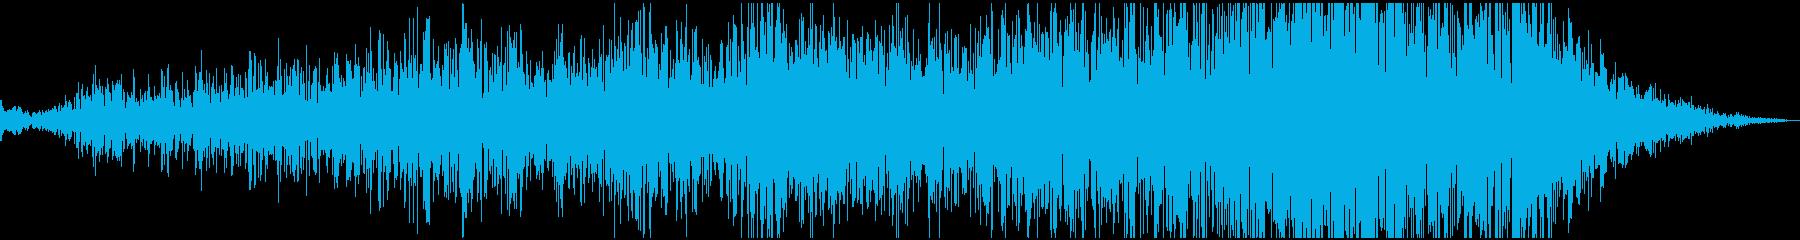 ピアノ一音が深海へ奥深く沈んでいくの再生済みの波形